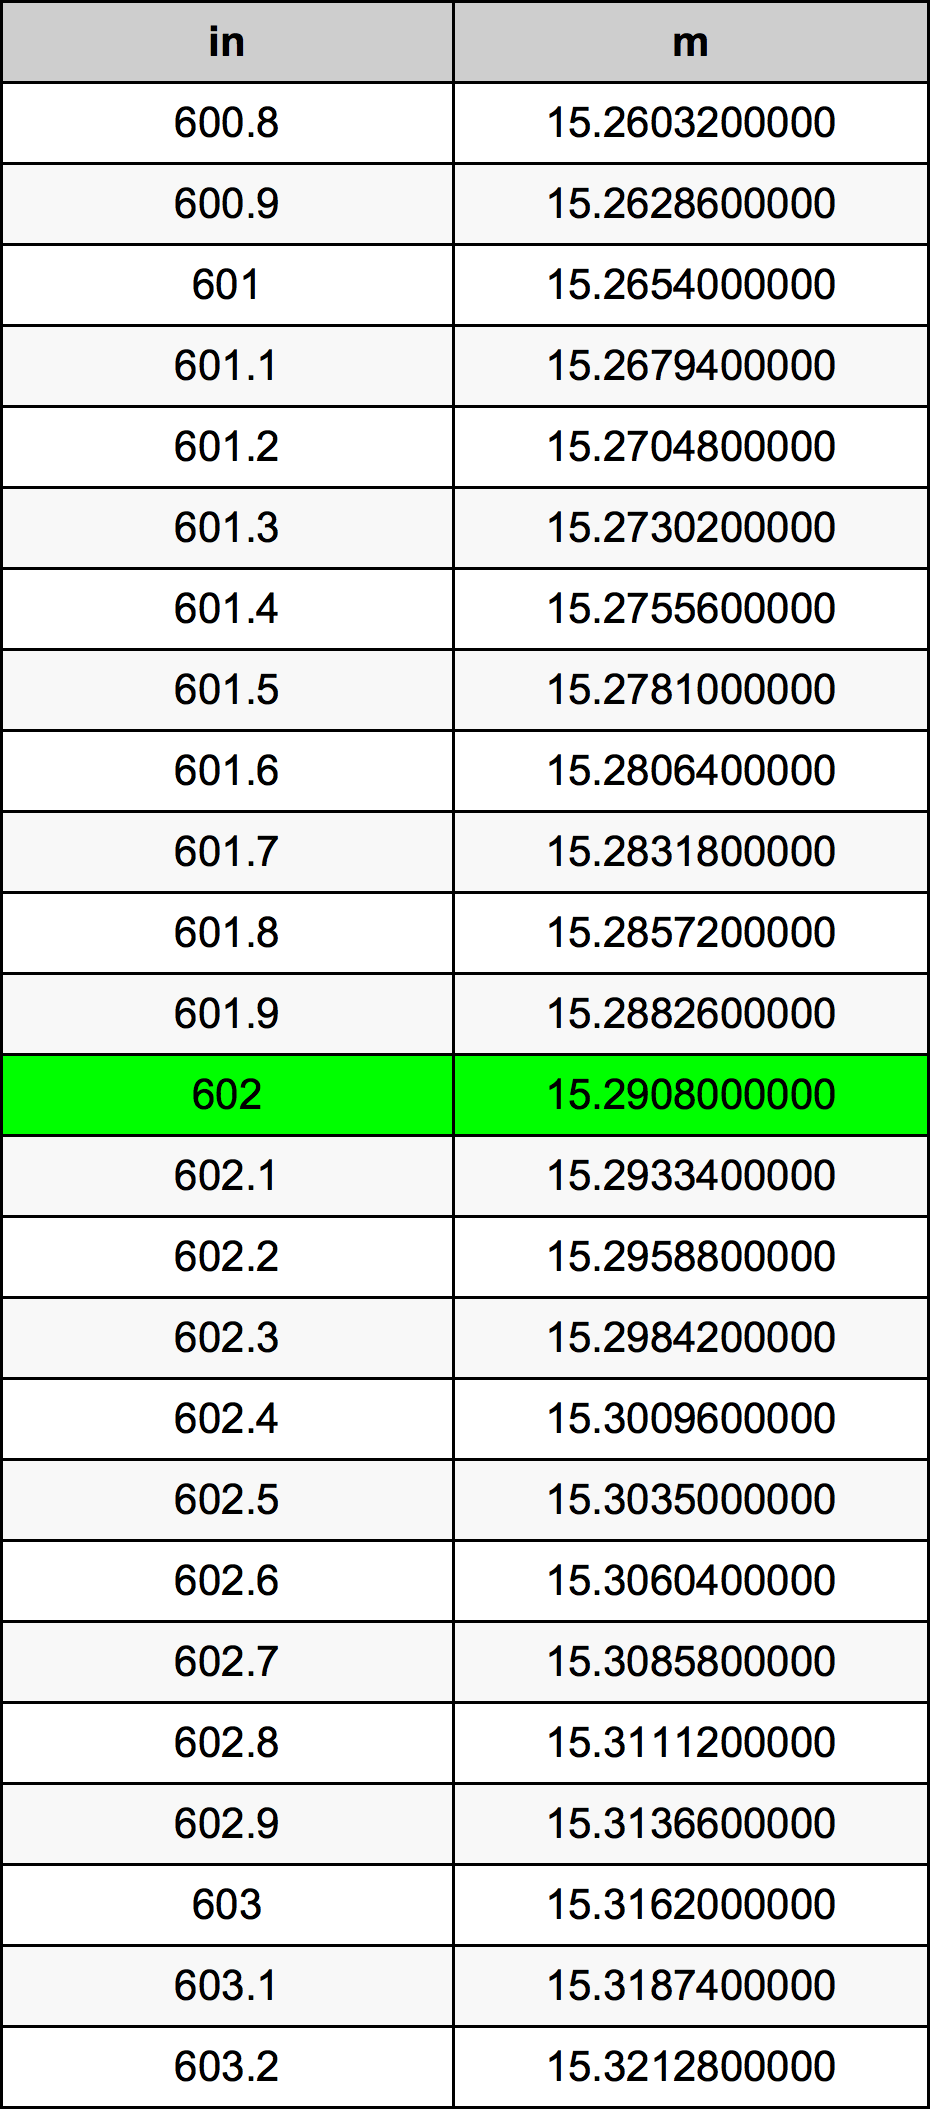 602 Pulgada Tabla de conversión